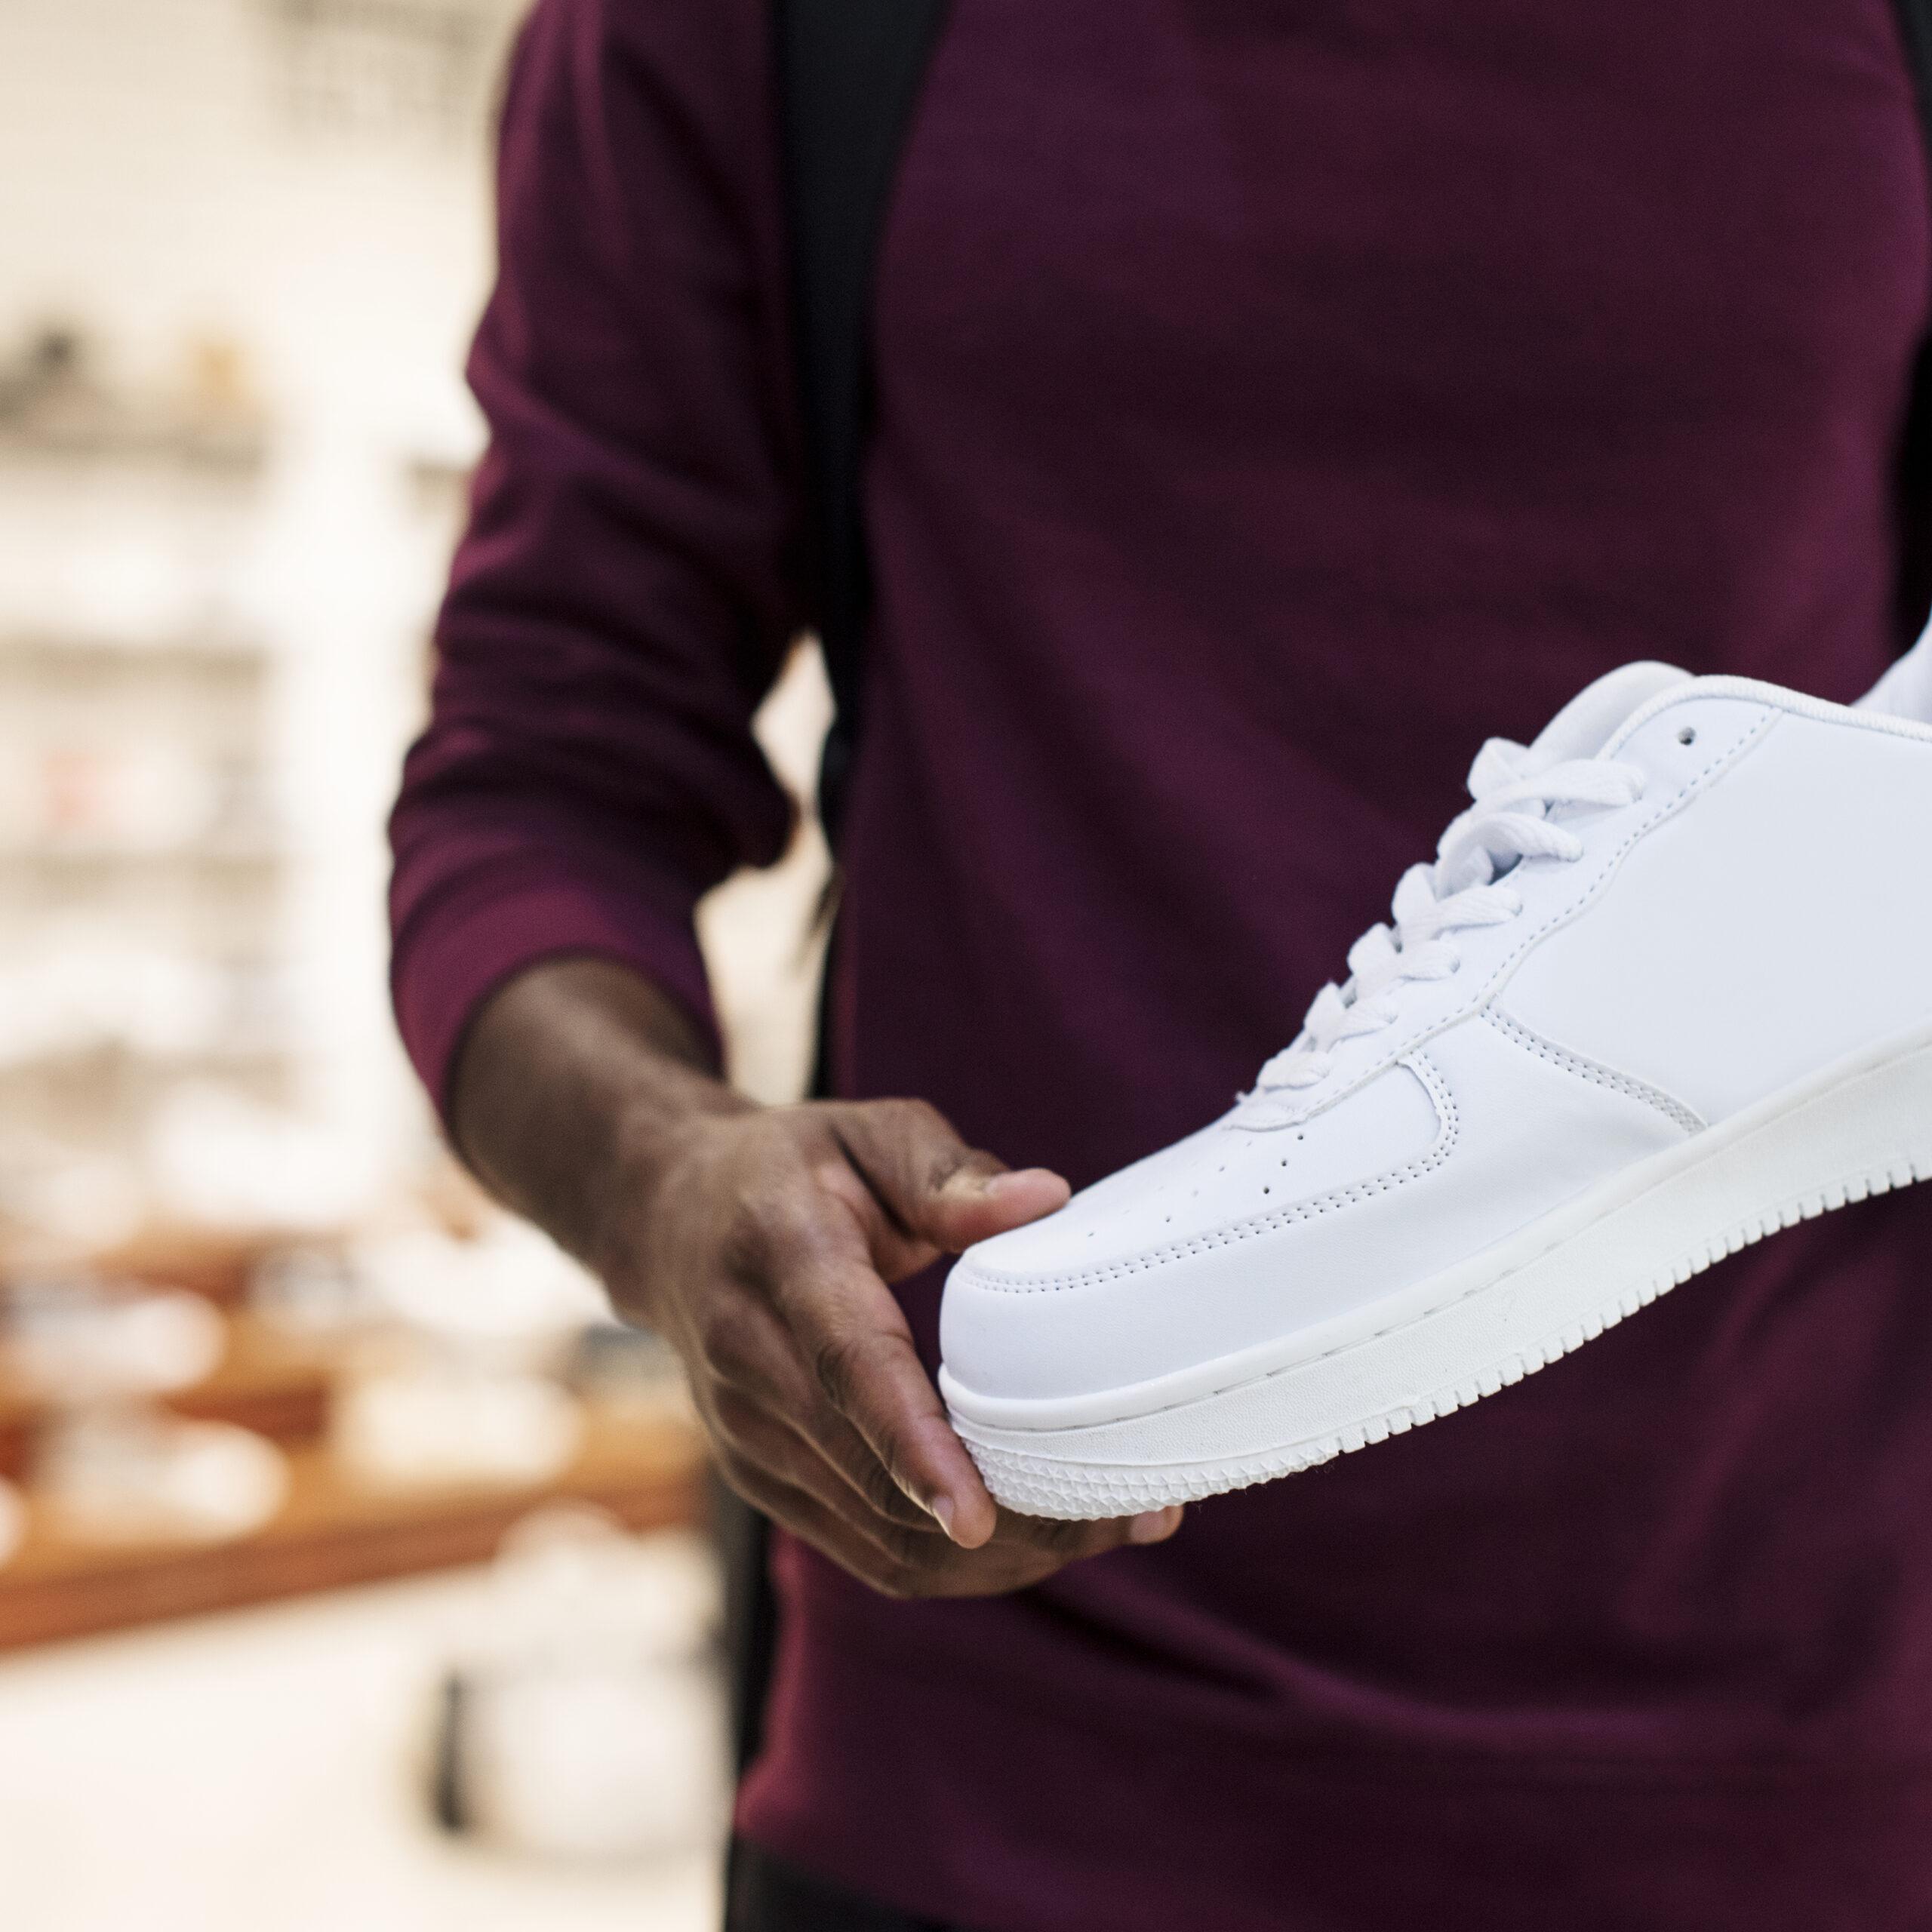 Schuh-manufaktur